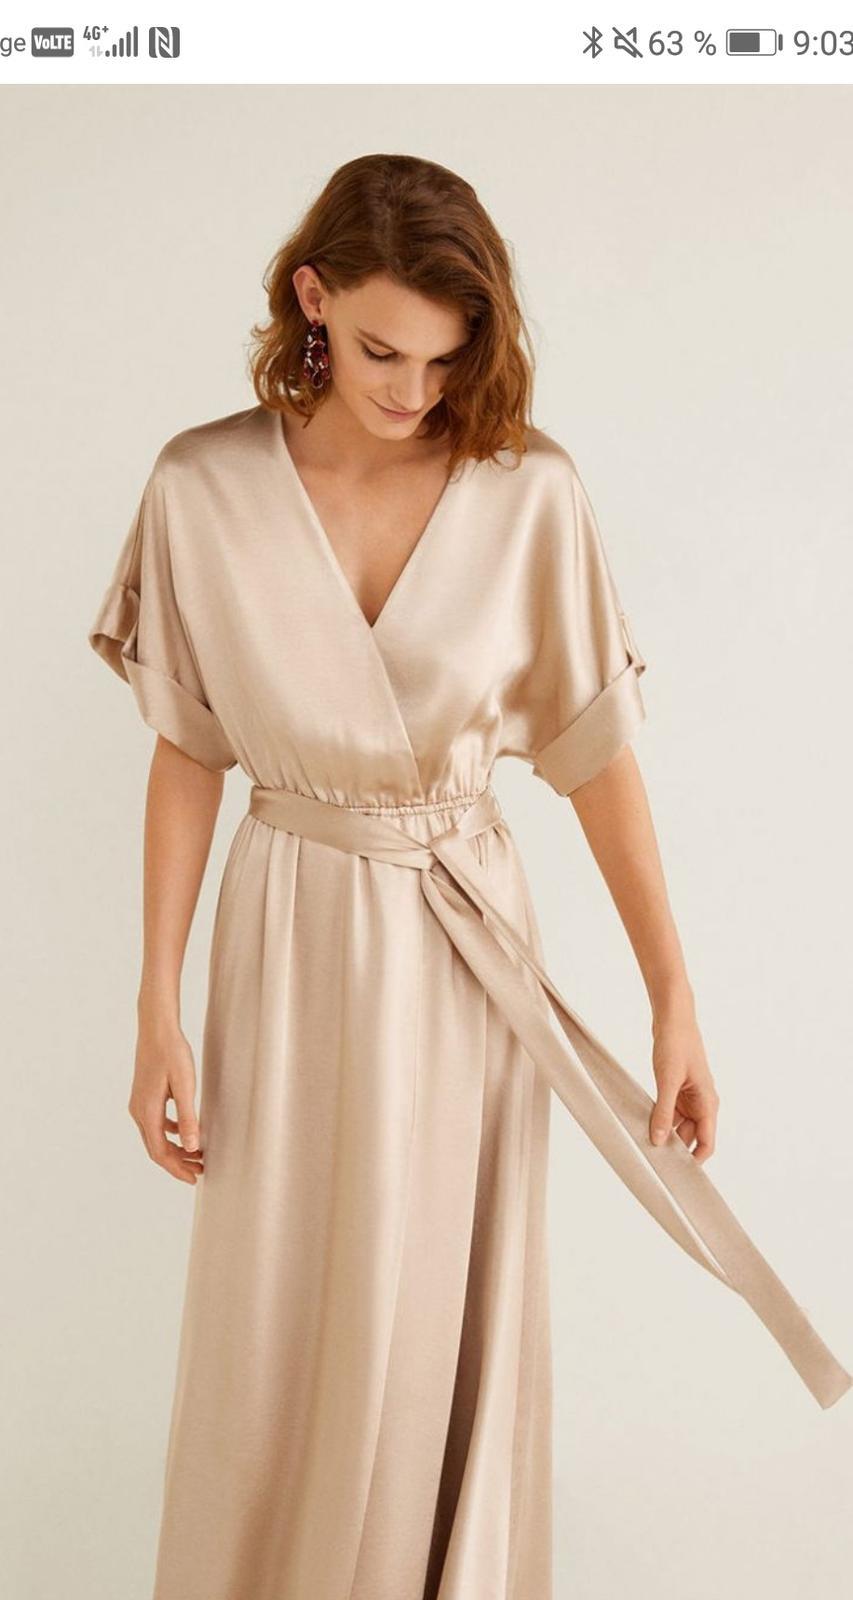 moderné šaty - Obrázok č. 4